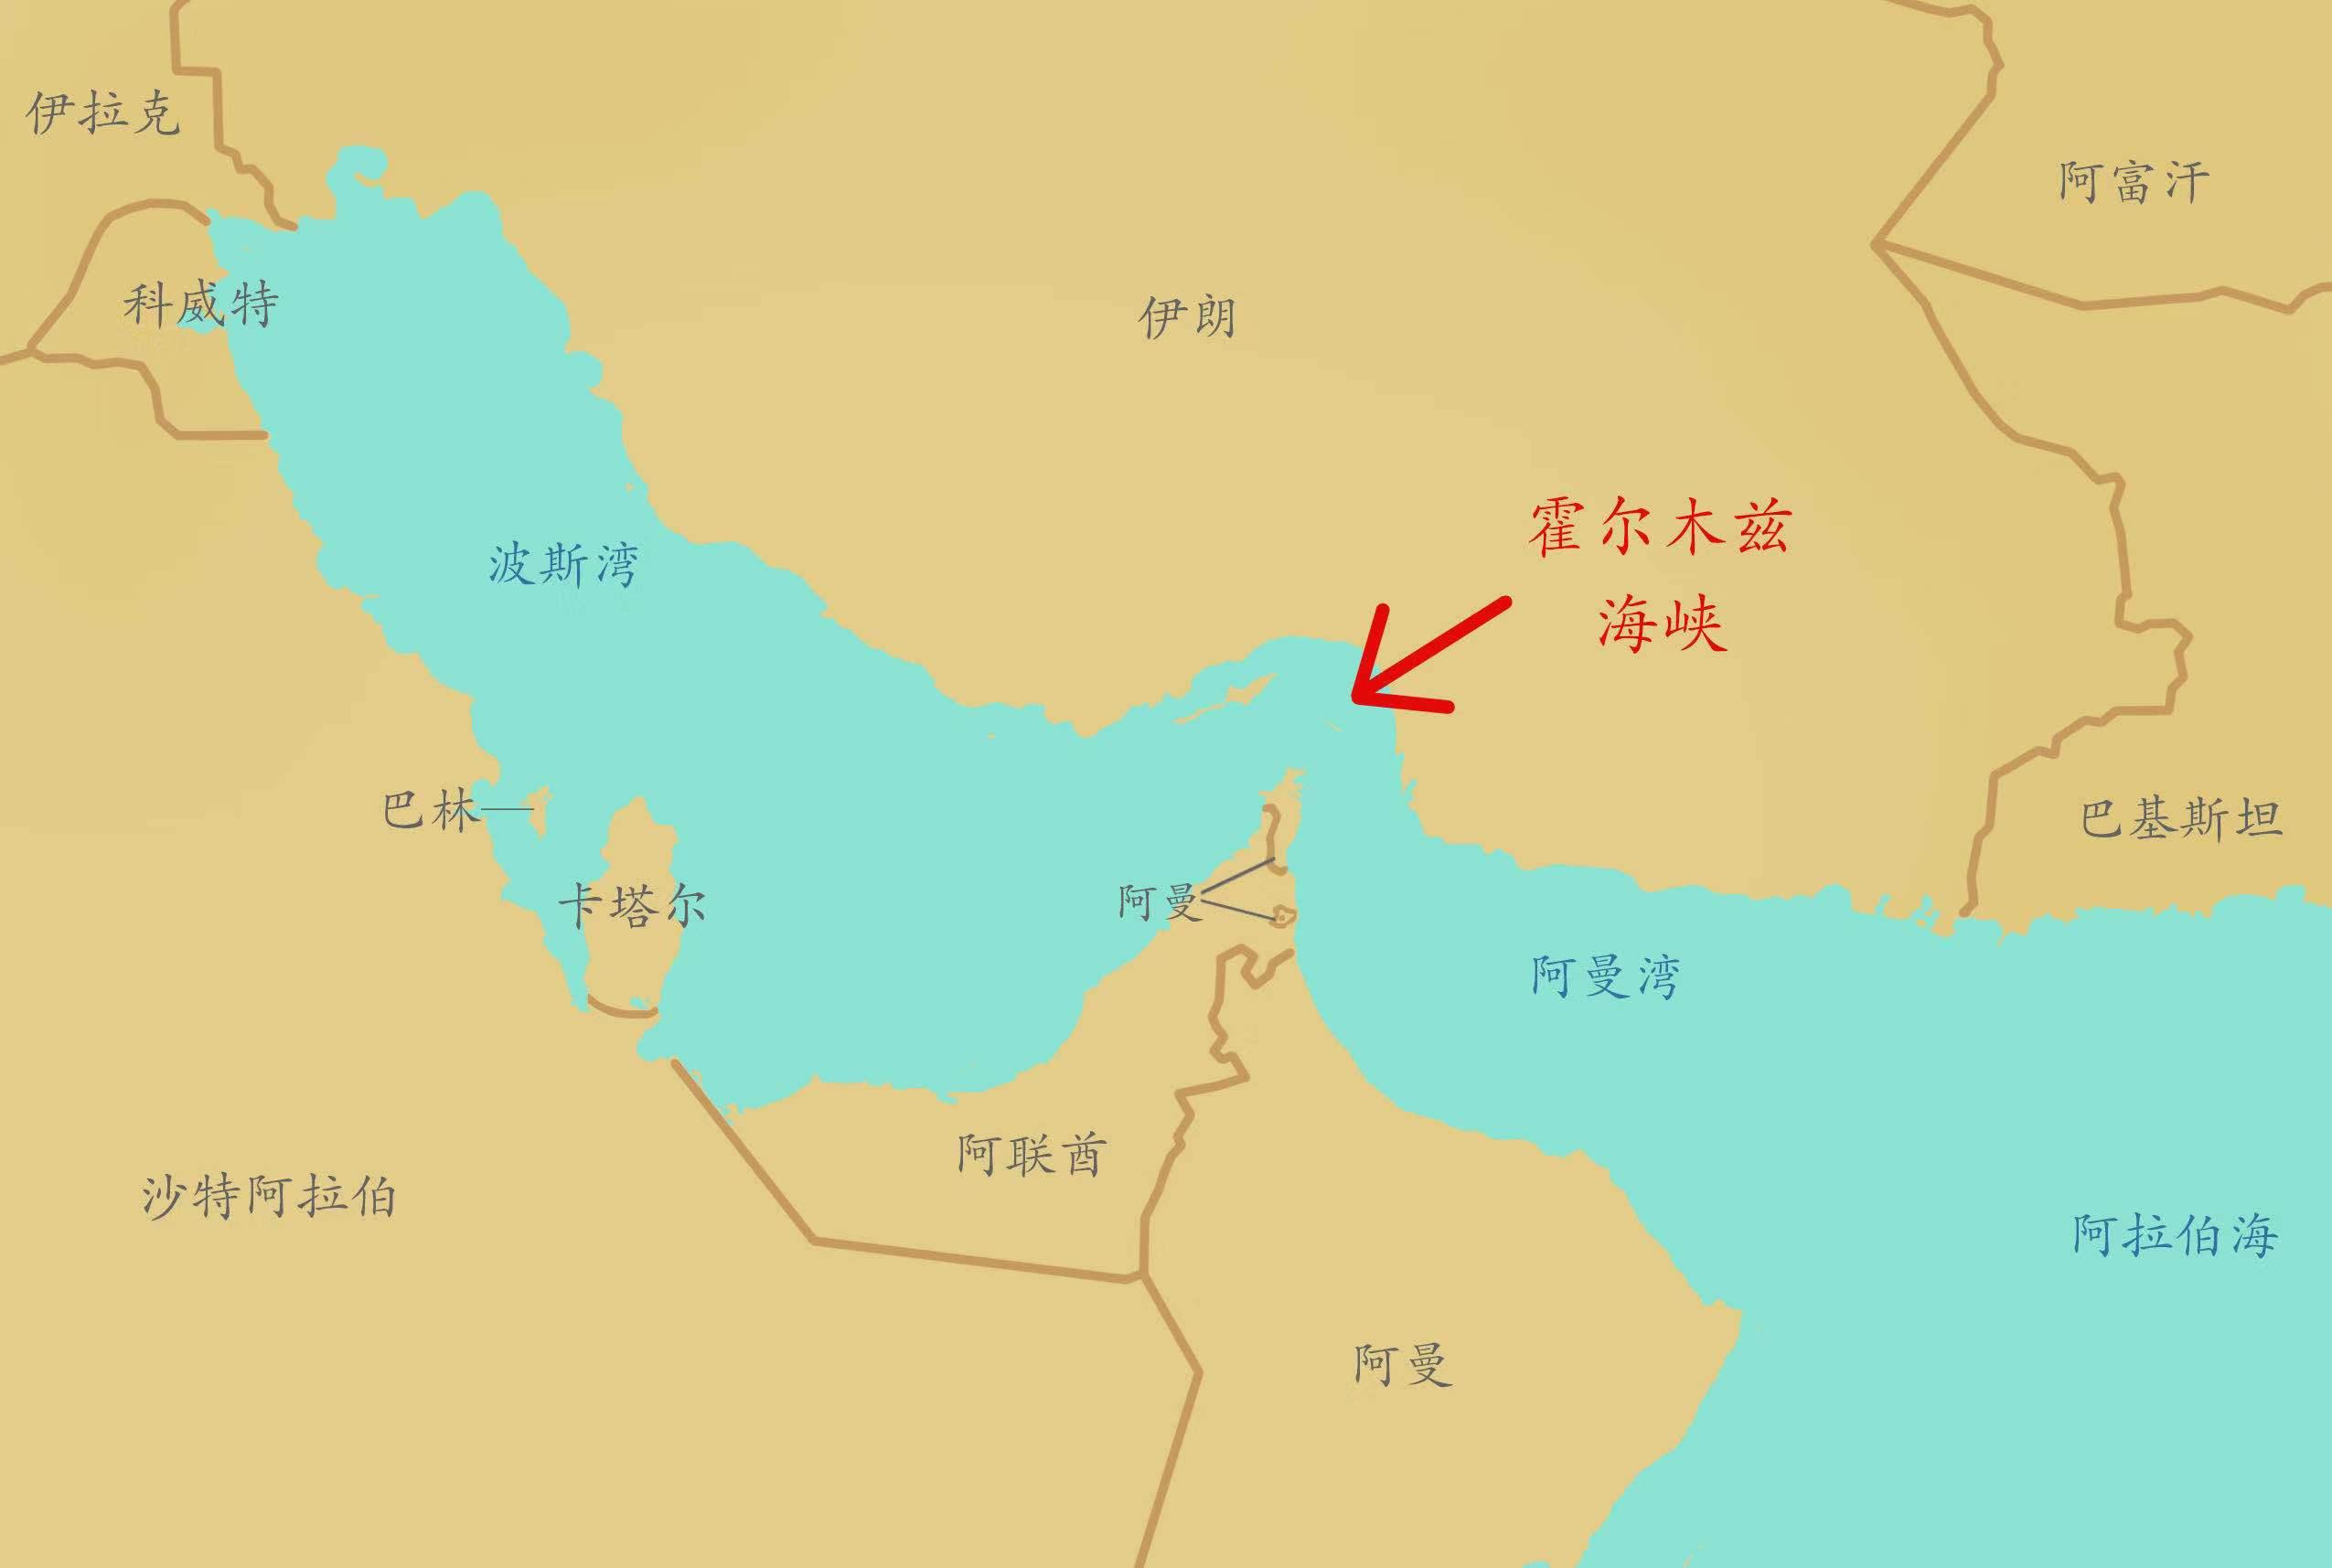 霍尔木兹海峡图示 央视新闻 图